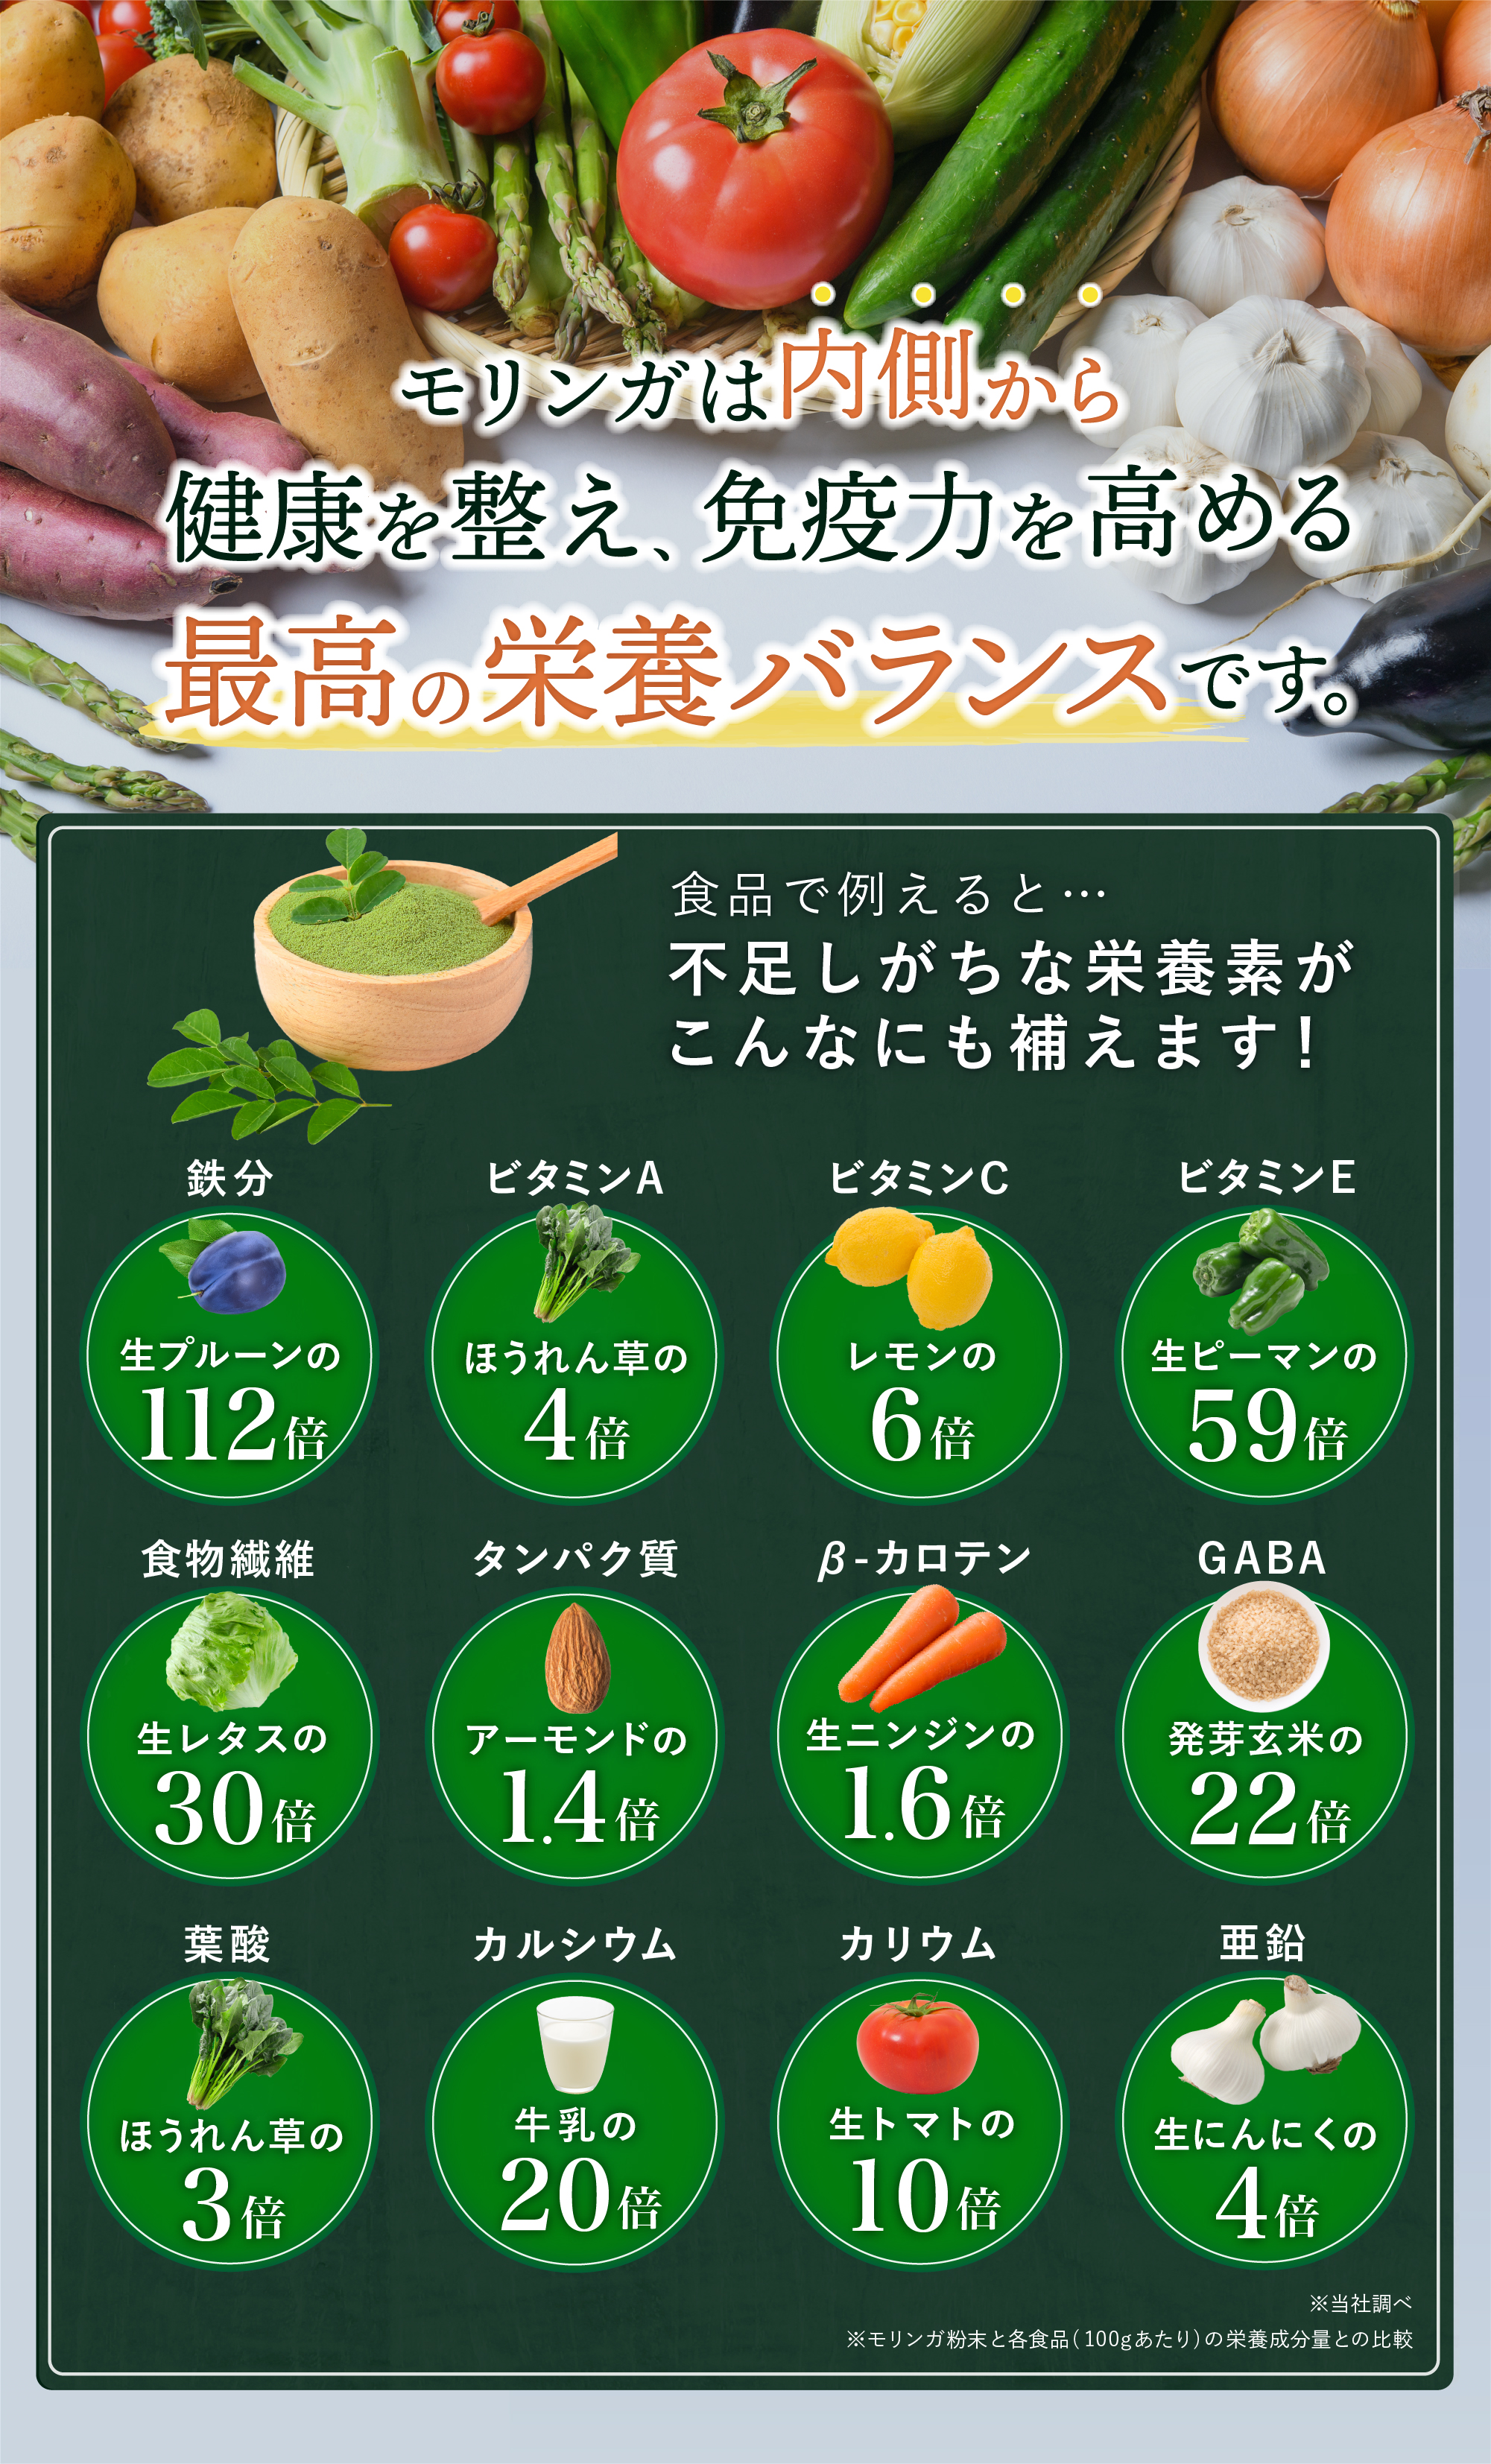 モリンガは内側から健康を整え、免疫力を高める最高の栄養バランスです